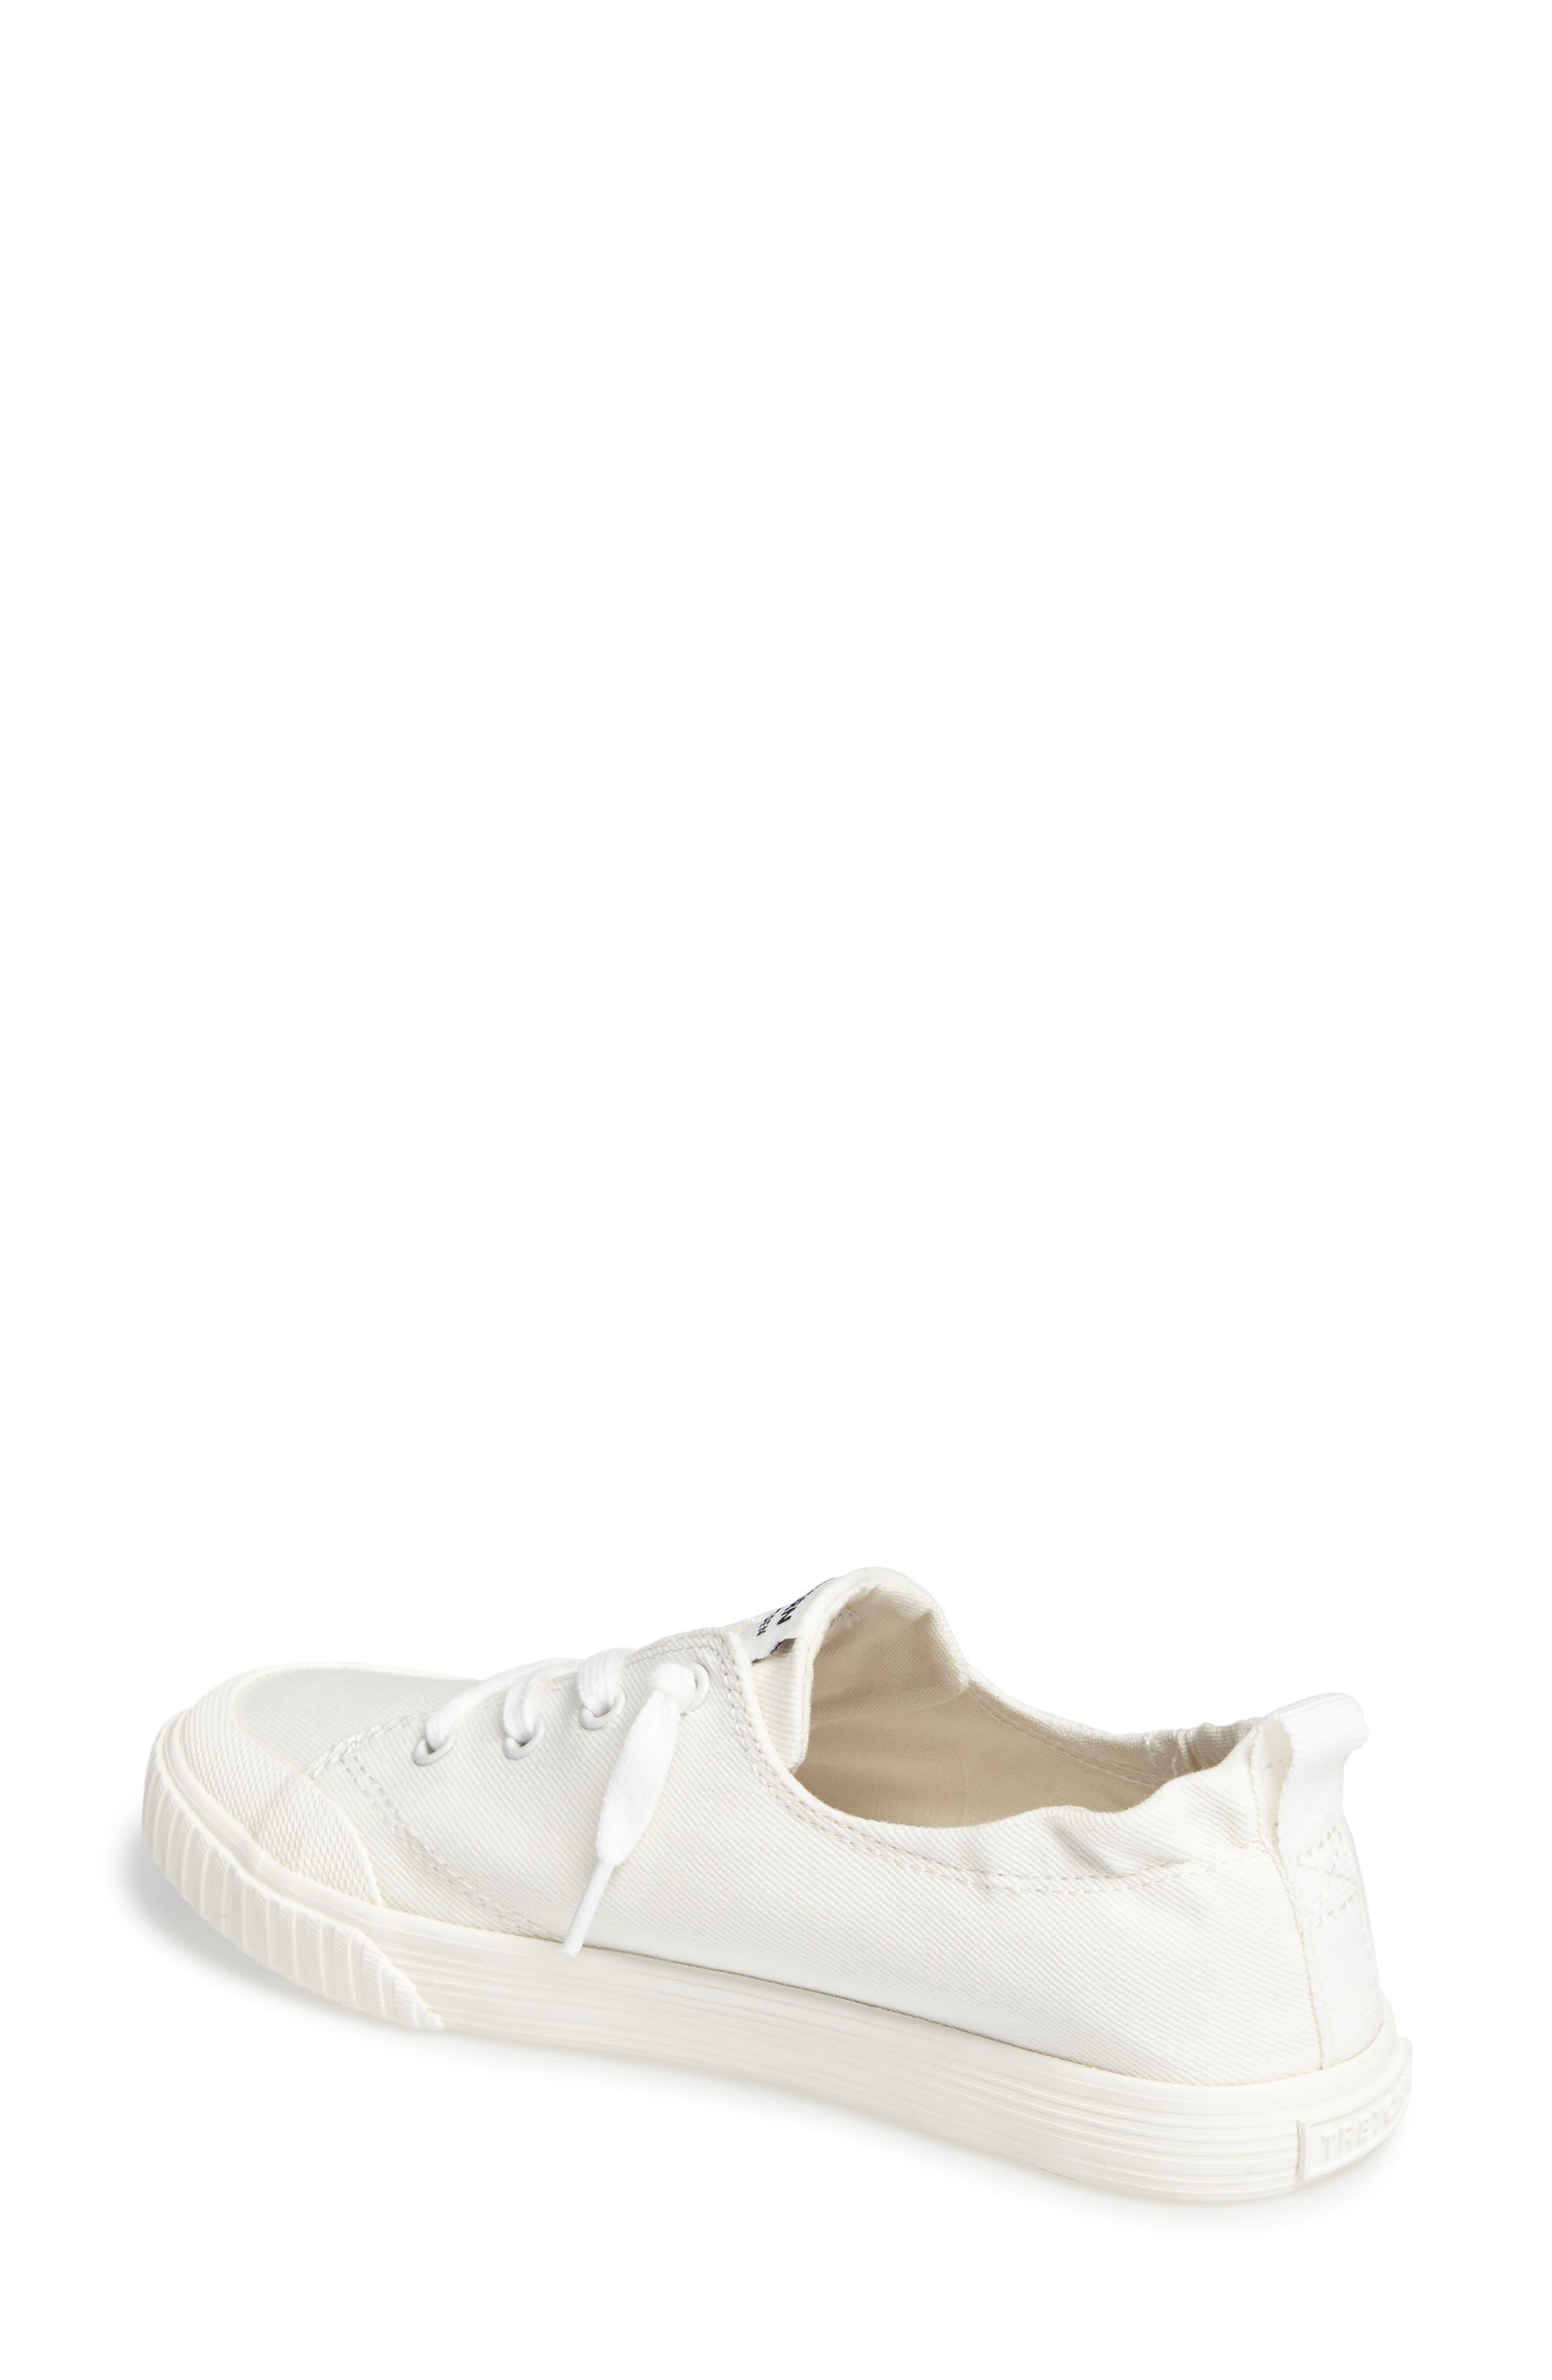 Meg Slip-On Sneaker,                             Alternate thumbnail 2, color,                             Vintage White